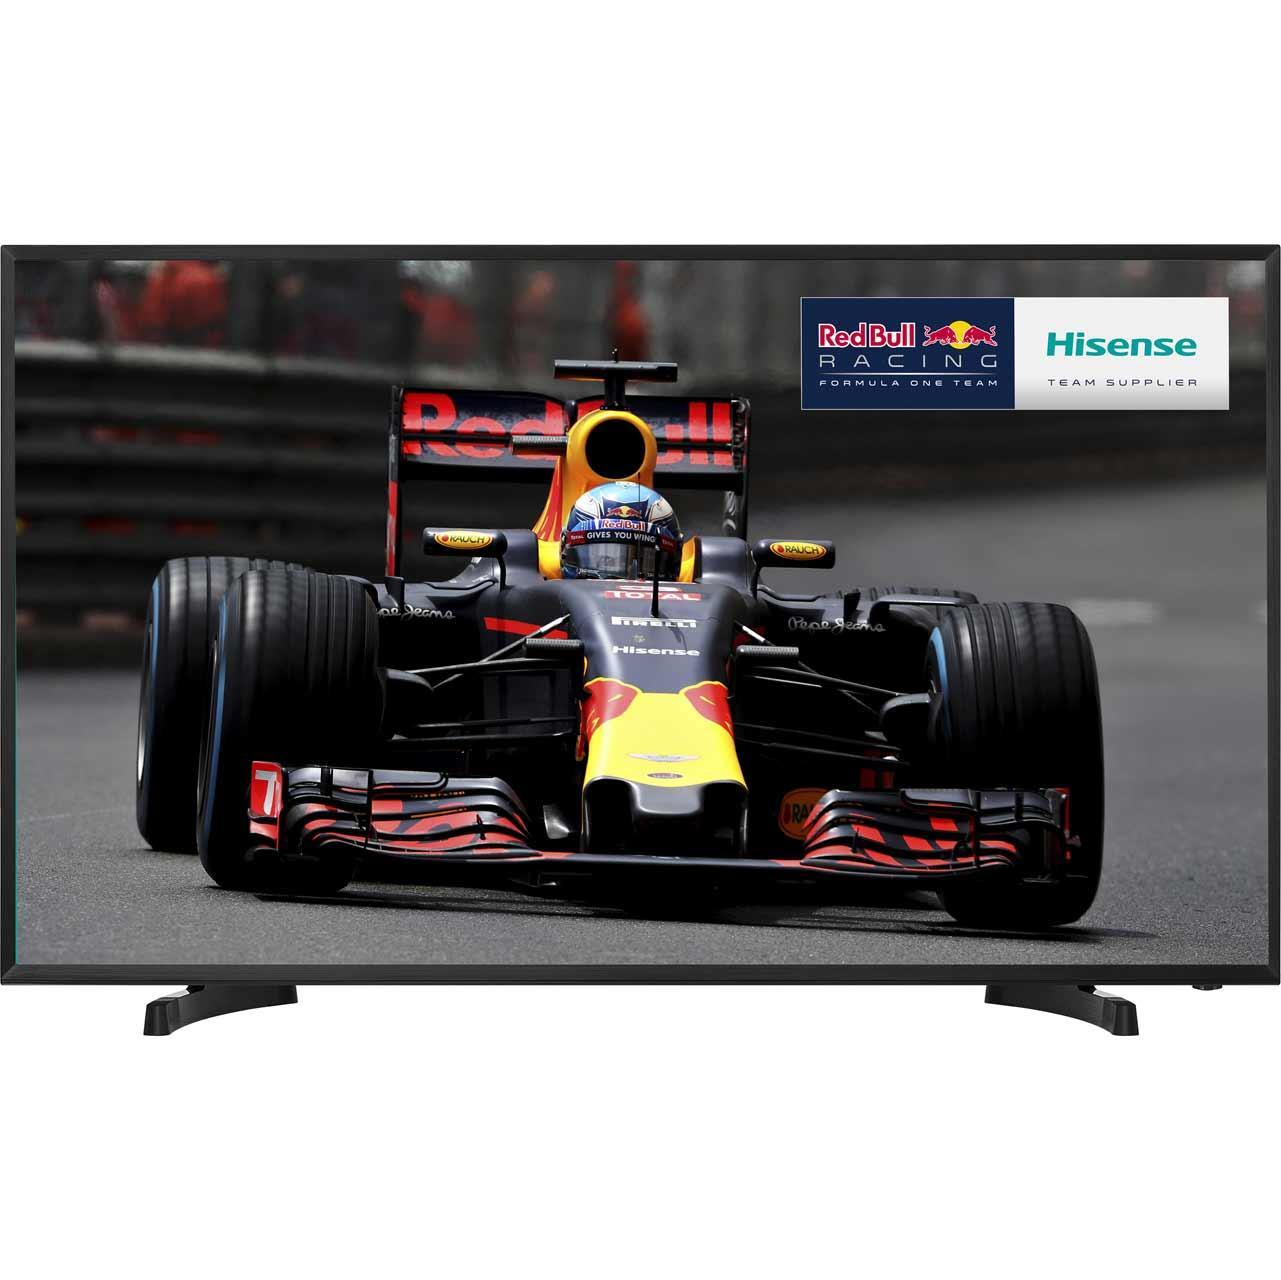 H40M2100T 40 Inch Full HD LED TV